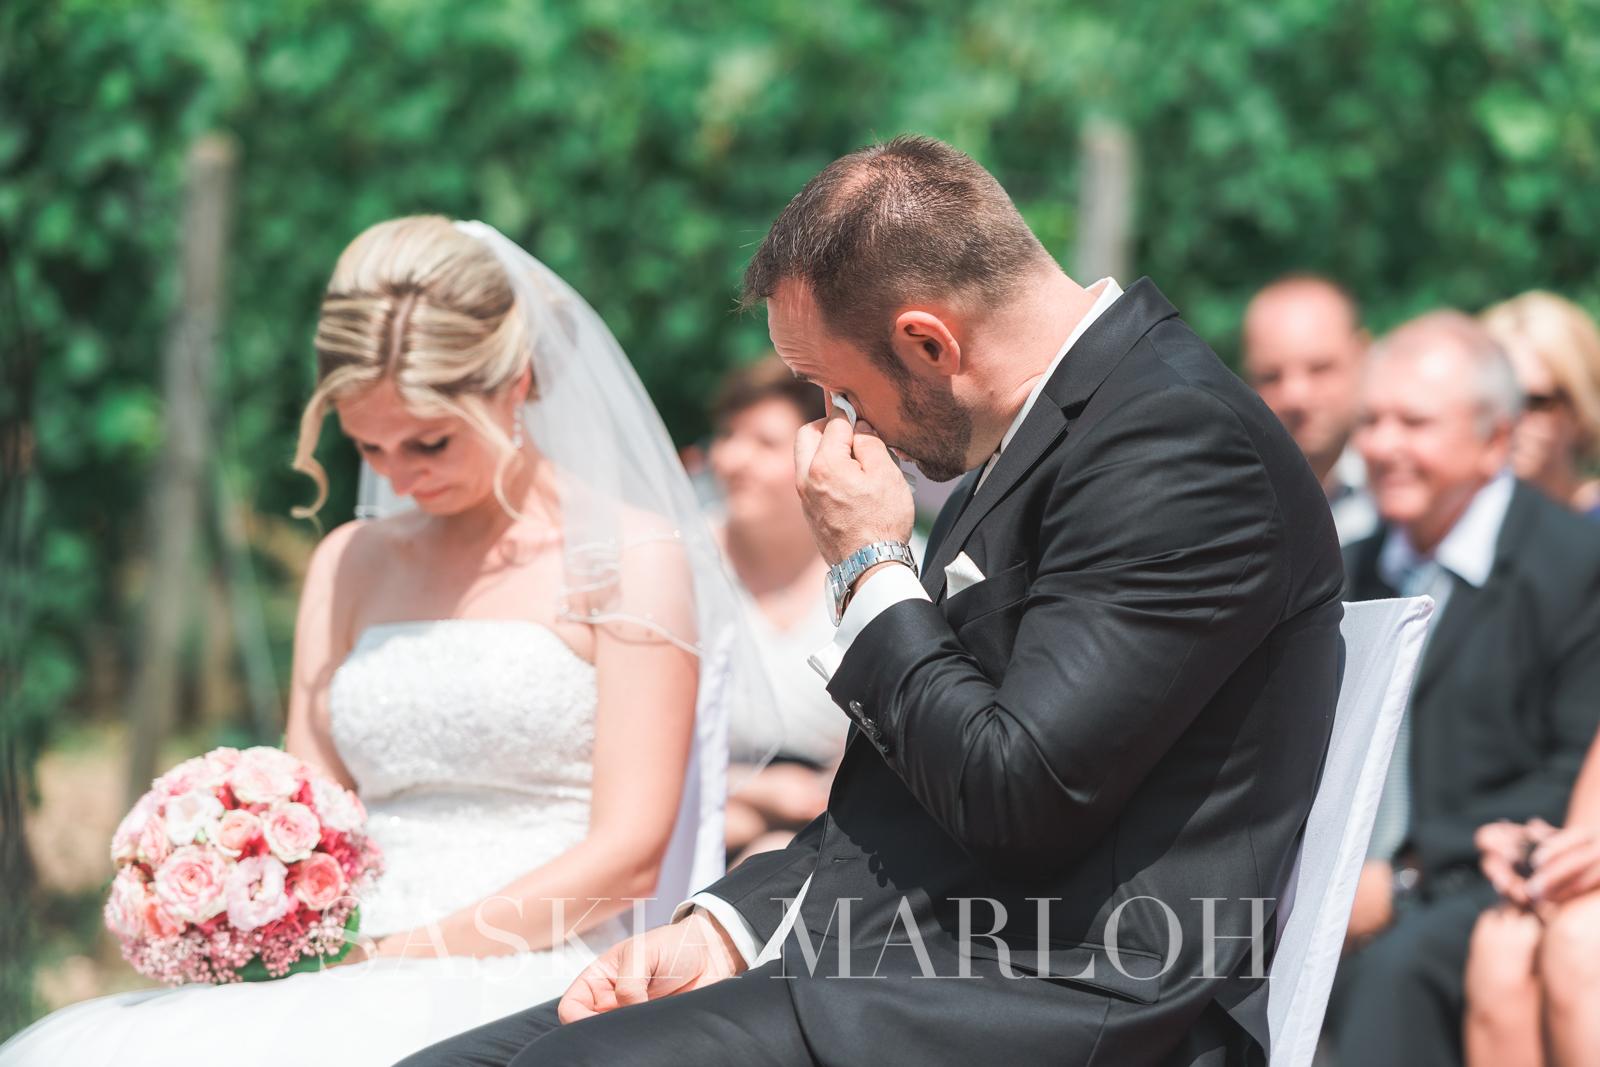 WEINGUT-GEORG-MÜLLER-CLUB-PRESTIGE-DE-LUXE-HOCHZEIT-WEDDING-PHOTO-FOTO-SASKIA-MARLOH-edit-344